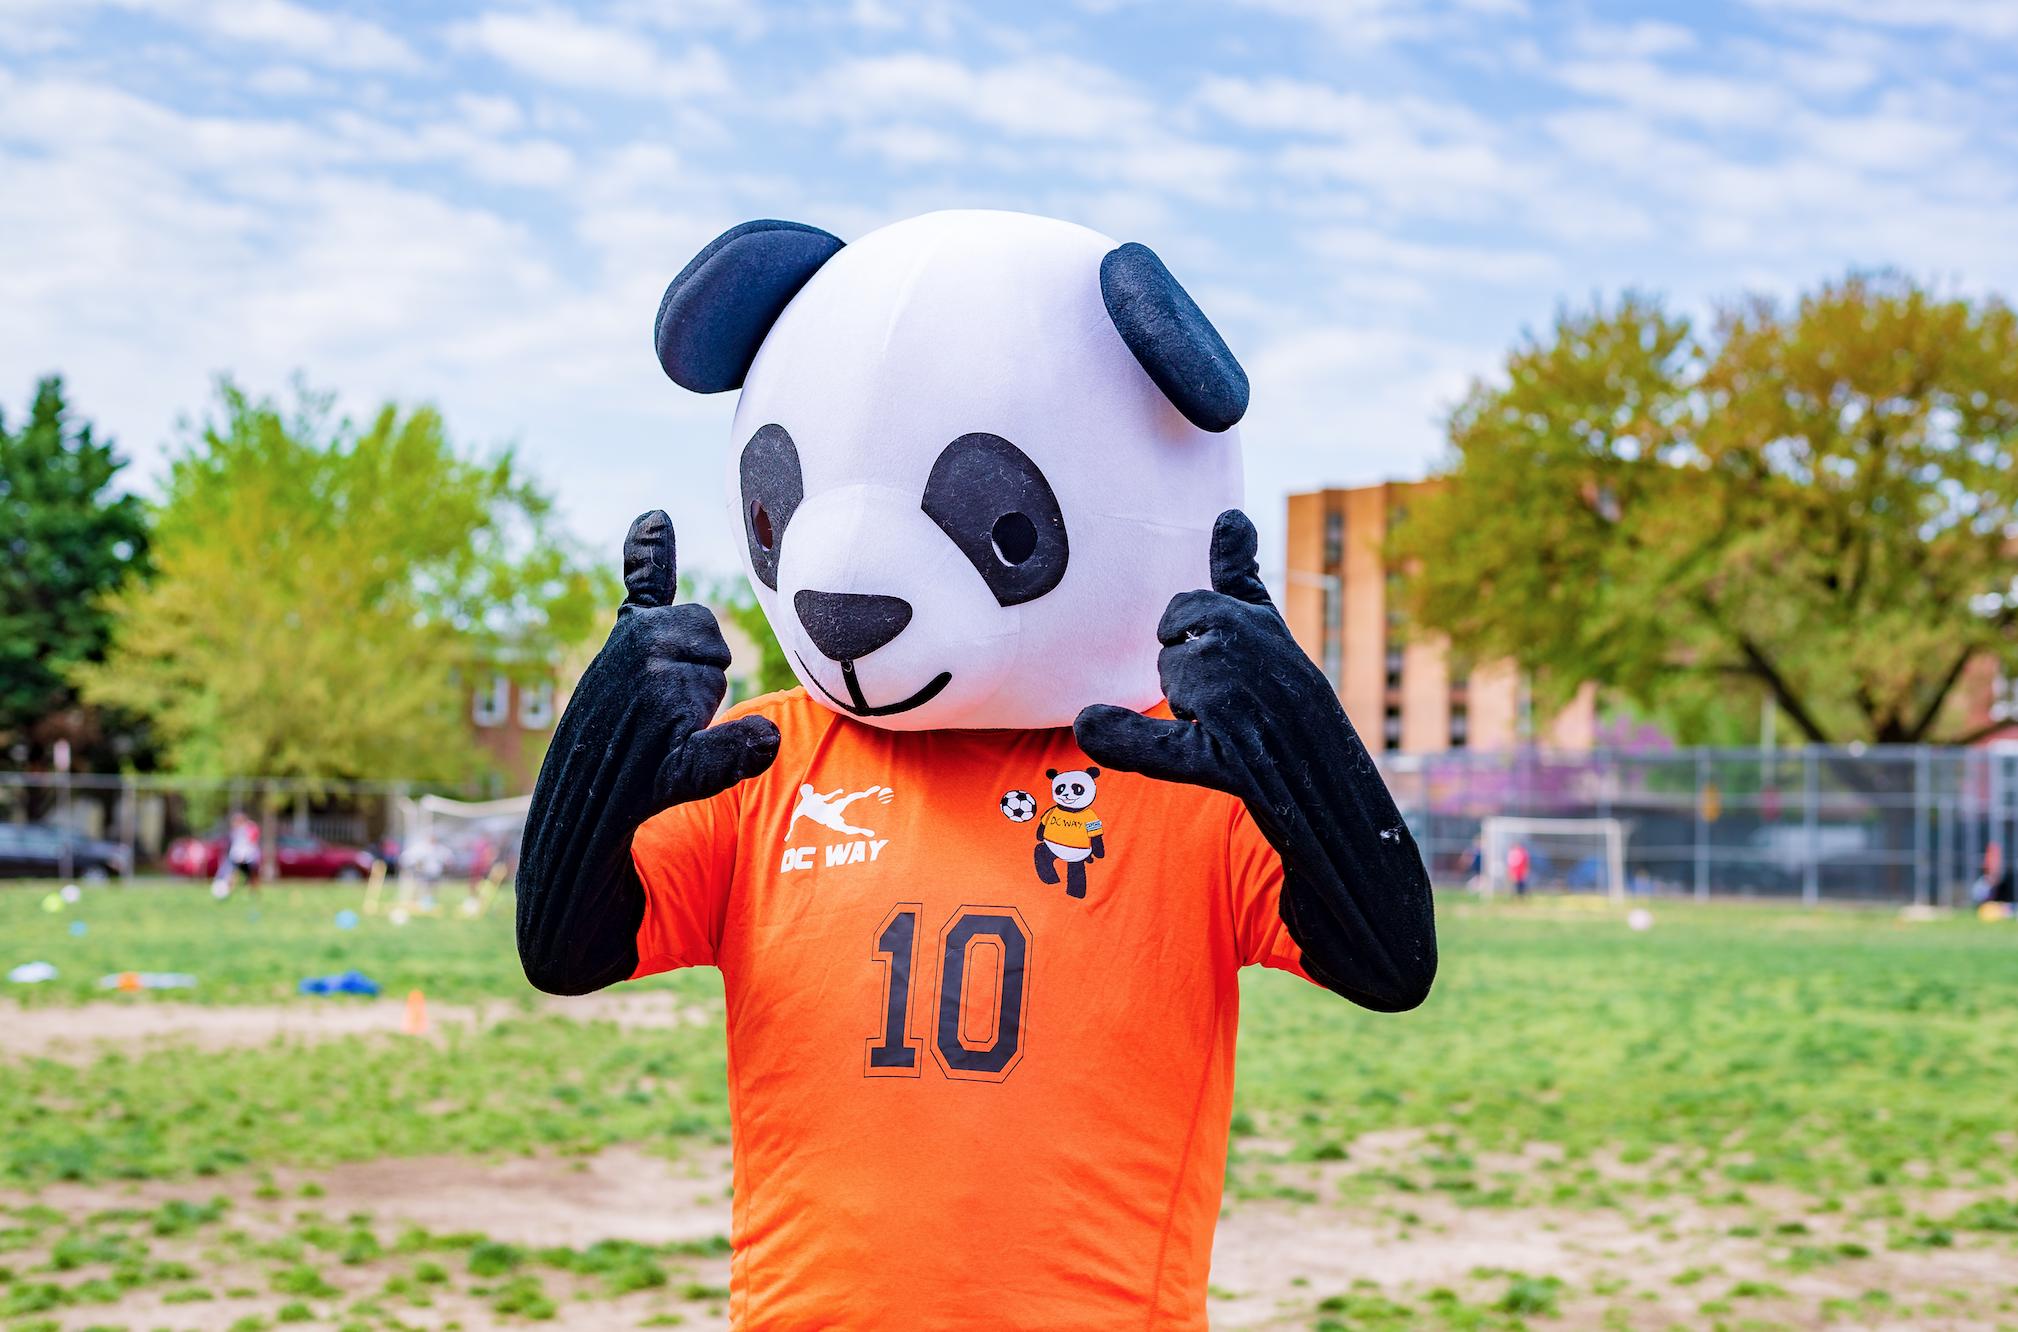 Panna the Panda!